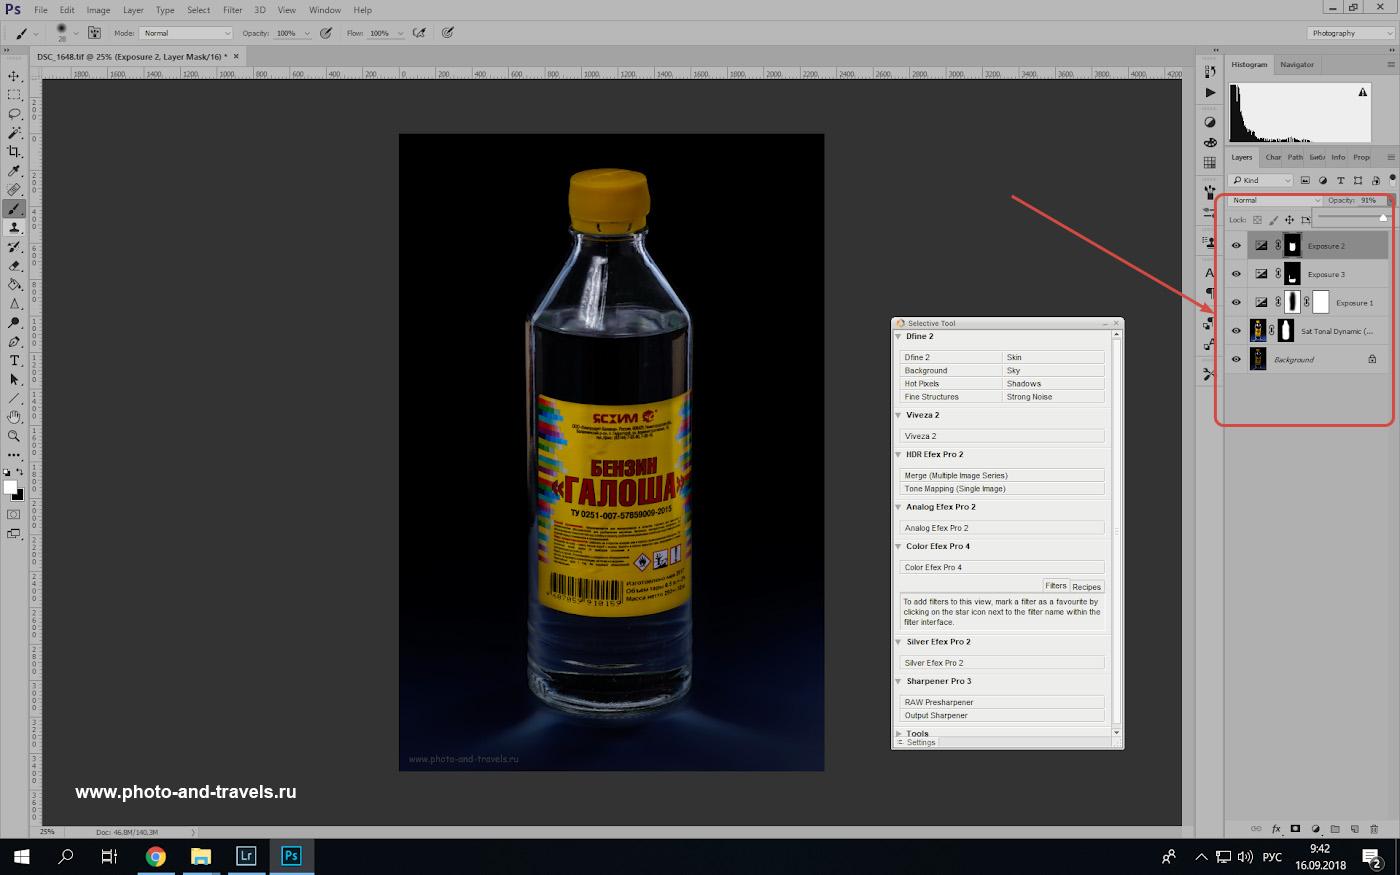 12. Как я обработал фото стеклянной бутылки на черном фоне. Не простая подготовка ремонту резинок объектива Nikon 17-55mm f/2.8.